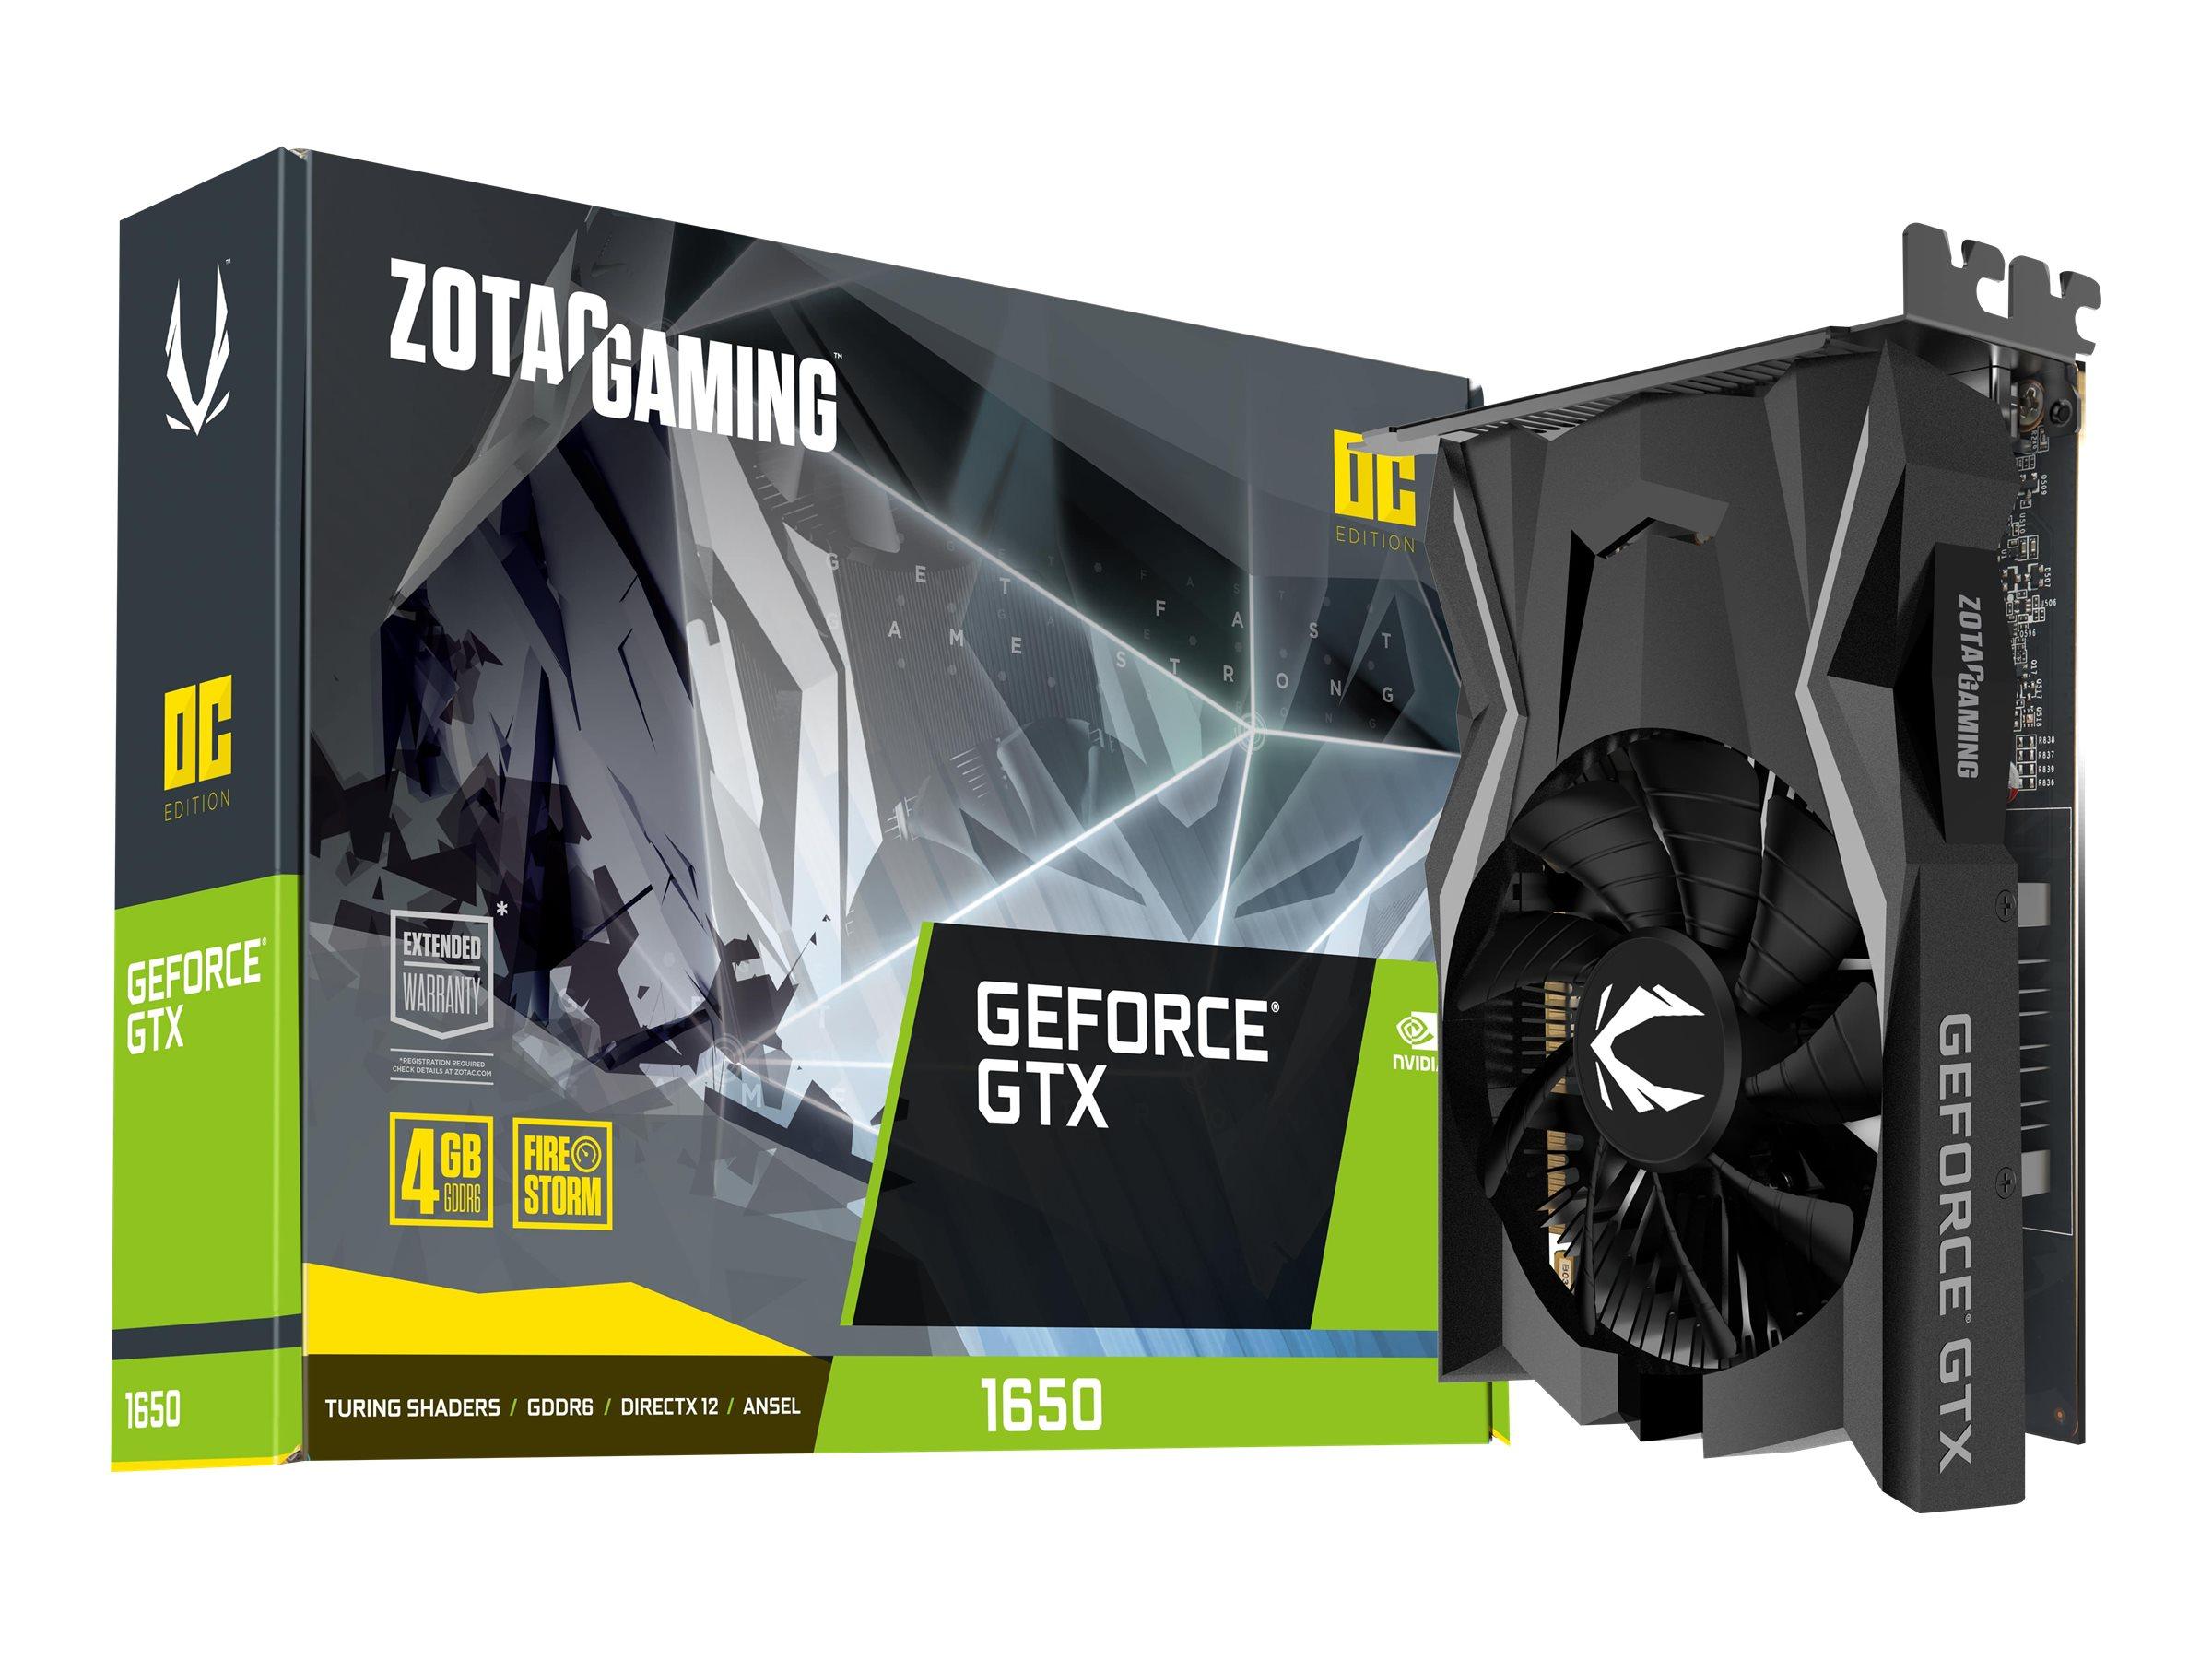 Vorschau: ZOTAC GAMING GeForce GTX 1650 OC - Grafikkarten